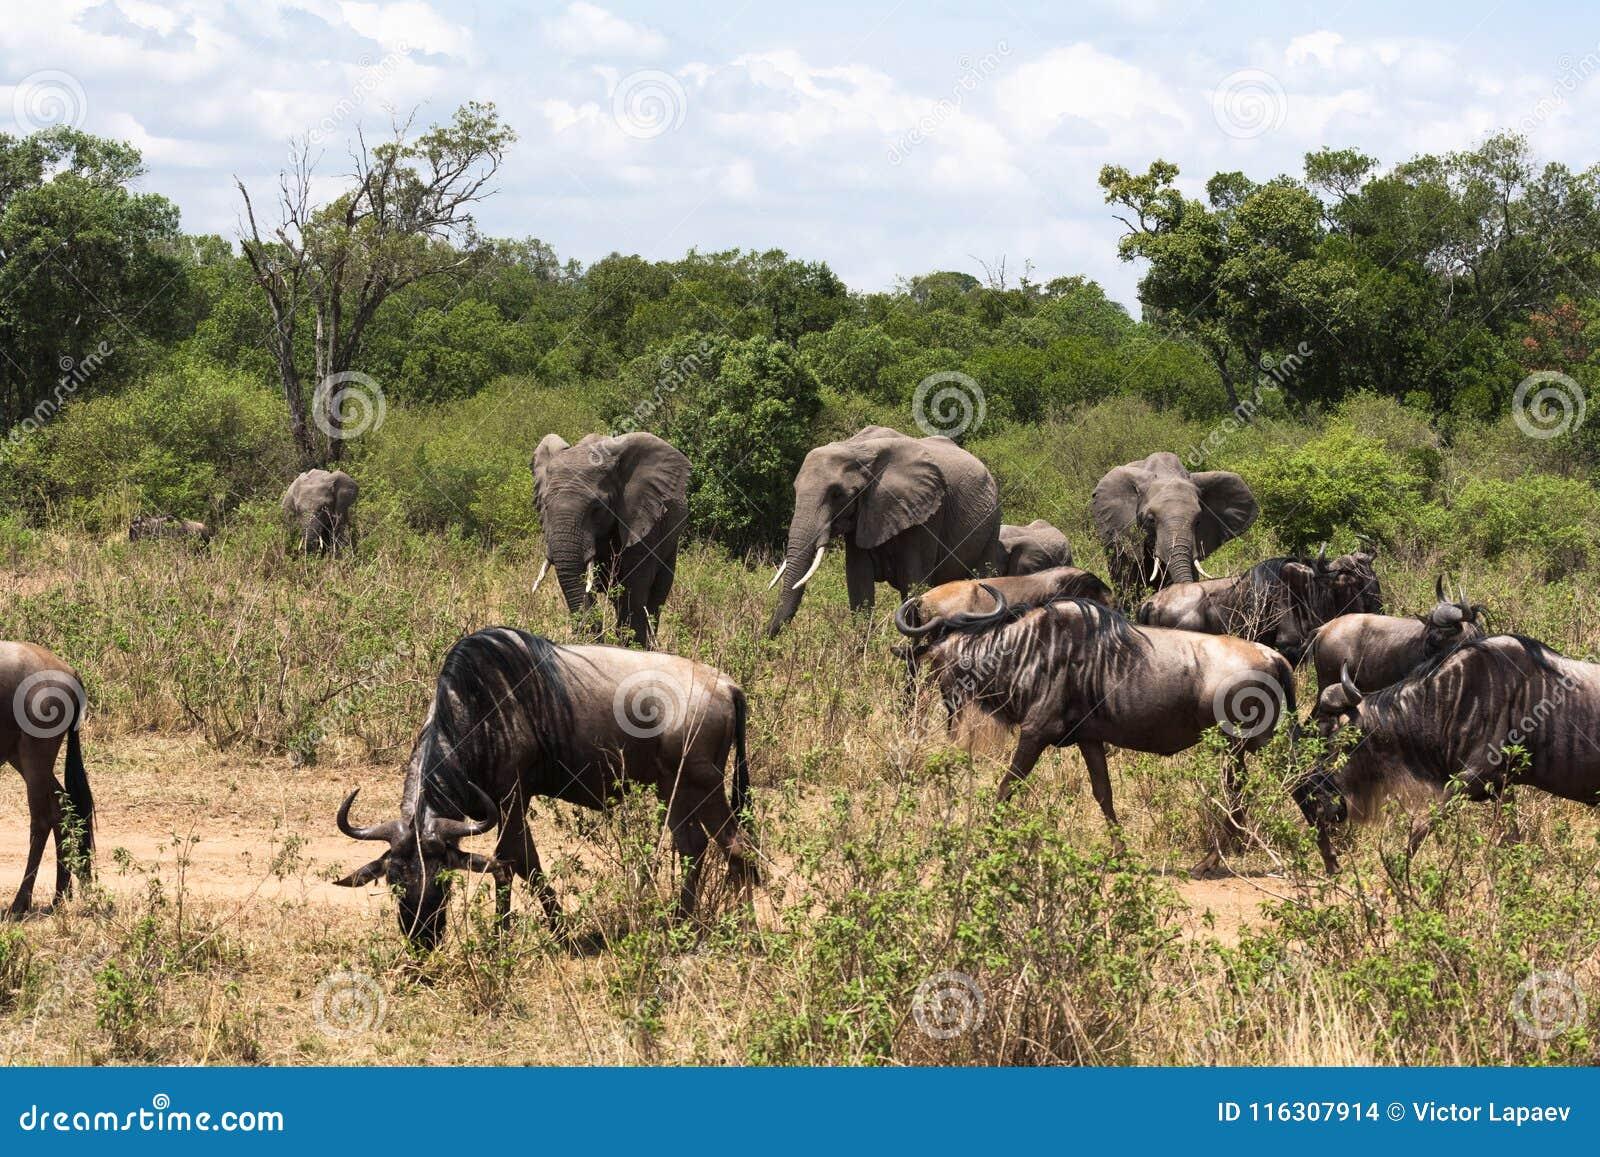 草食动物混杂的牧群在非洲的大草原的 肯尼亚mara马塞语